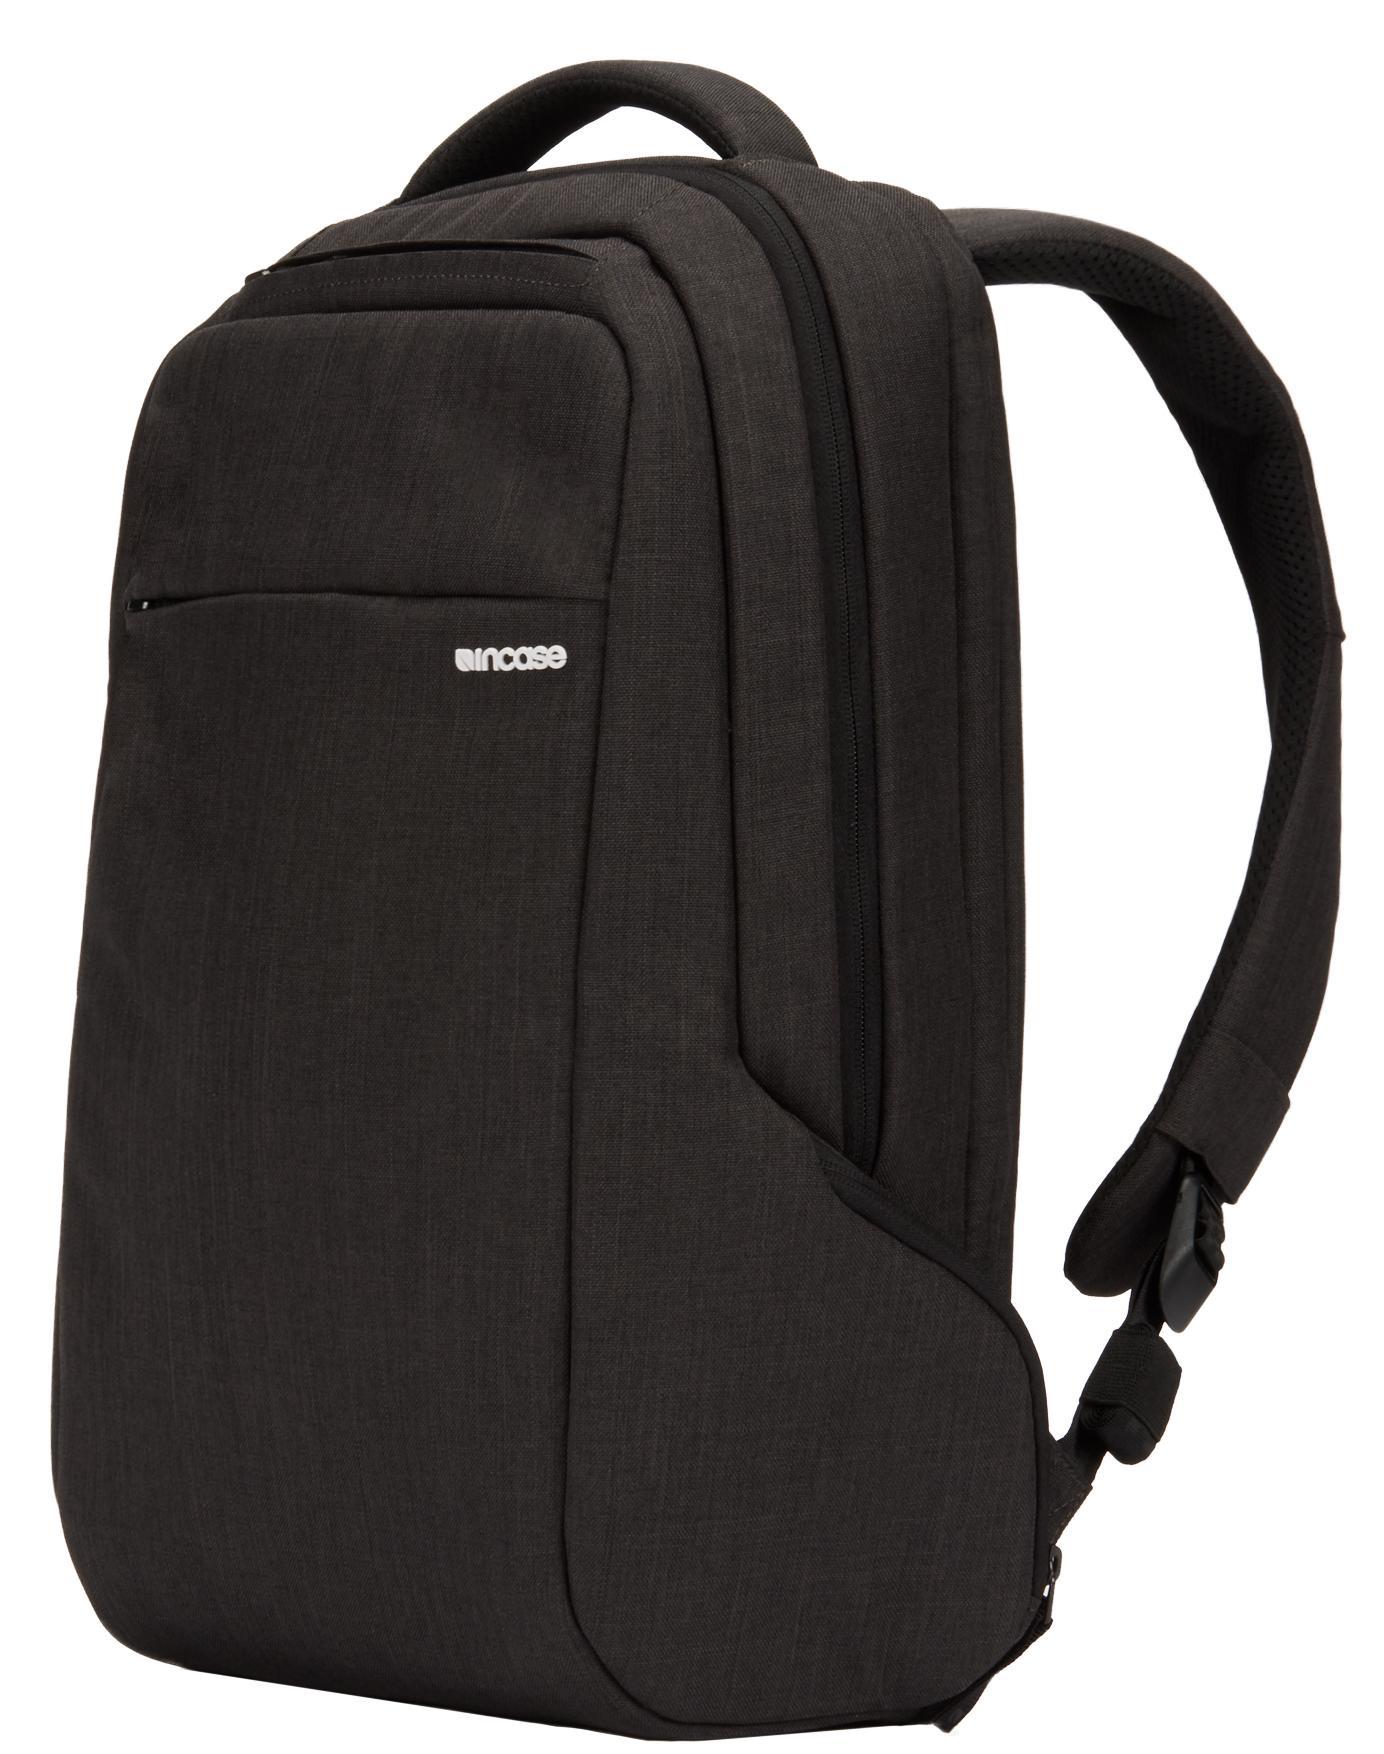 """Рюкзак Incase Icon Slim Pack для ноутбуков размером до 15"""" дюймов. Материал полиэстер. темно-серый"""